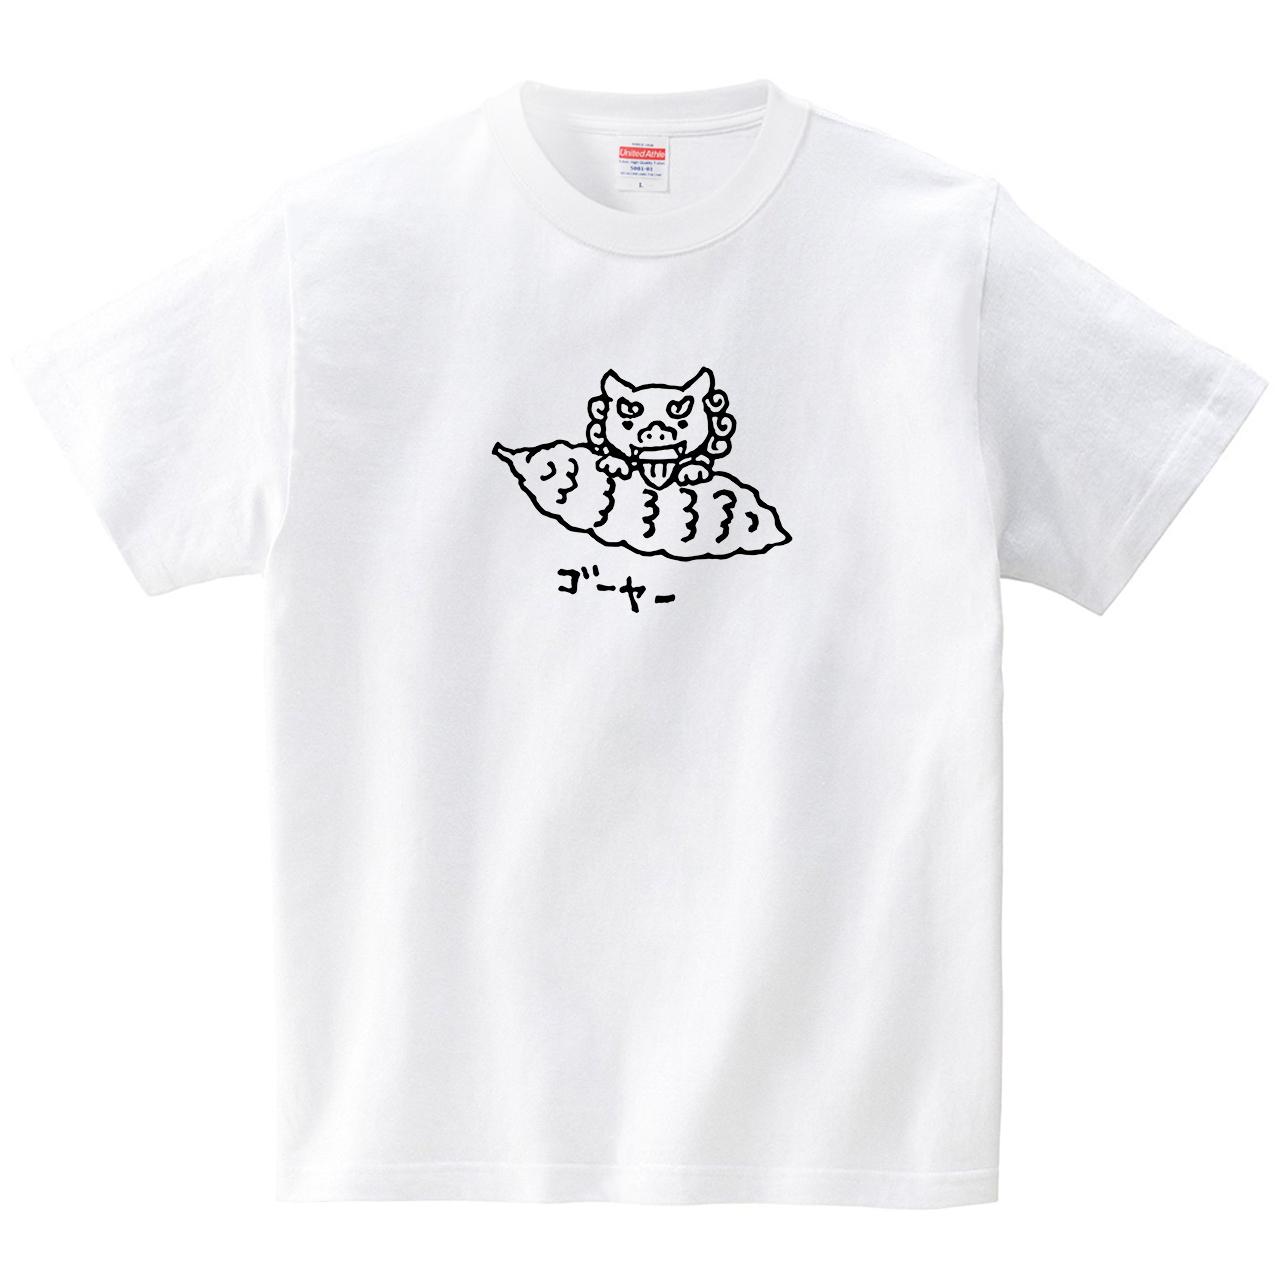 ゴーヤー&シーサー(モノクロ)(Tシャツ・ホワイト)(あずき*)